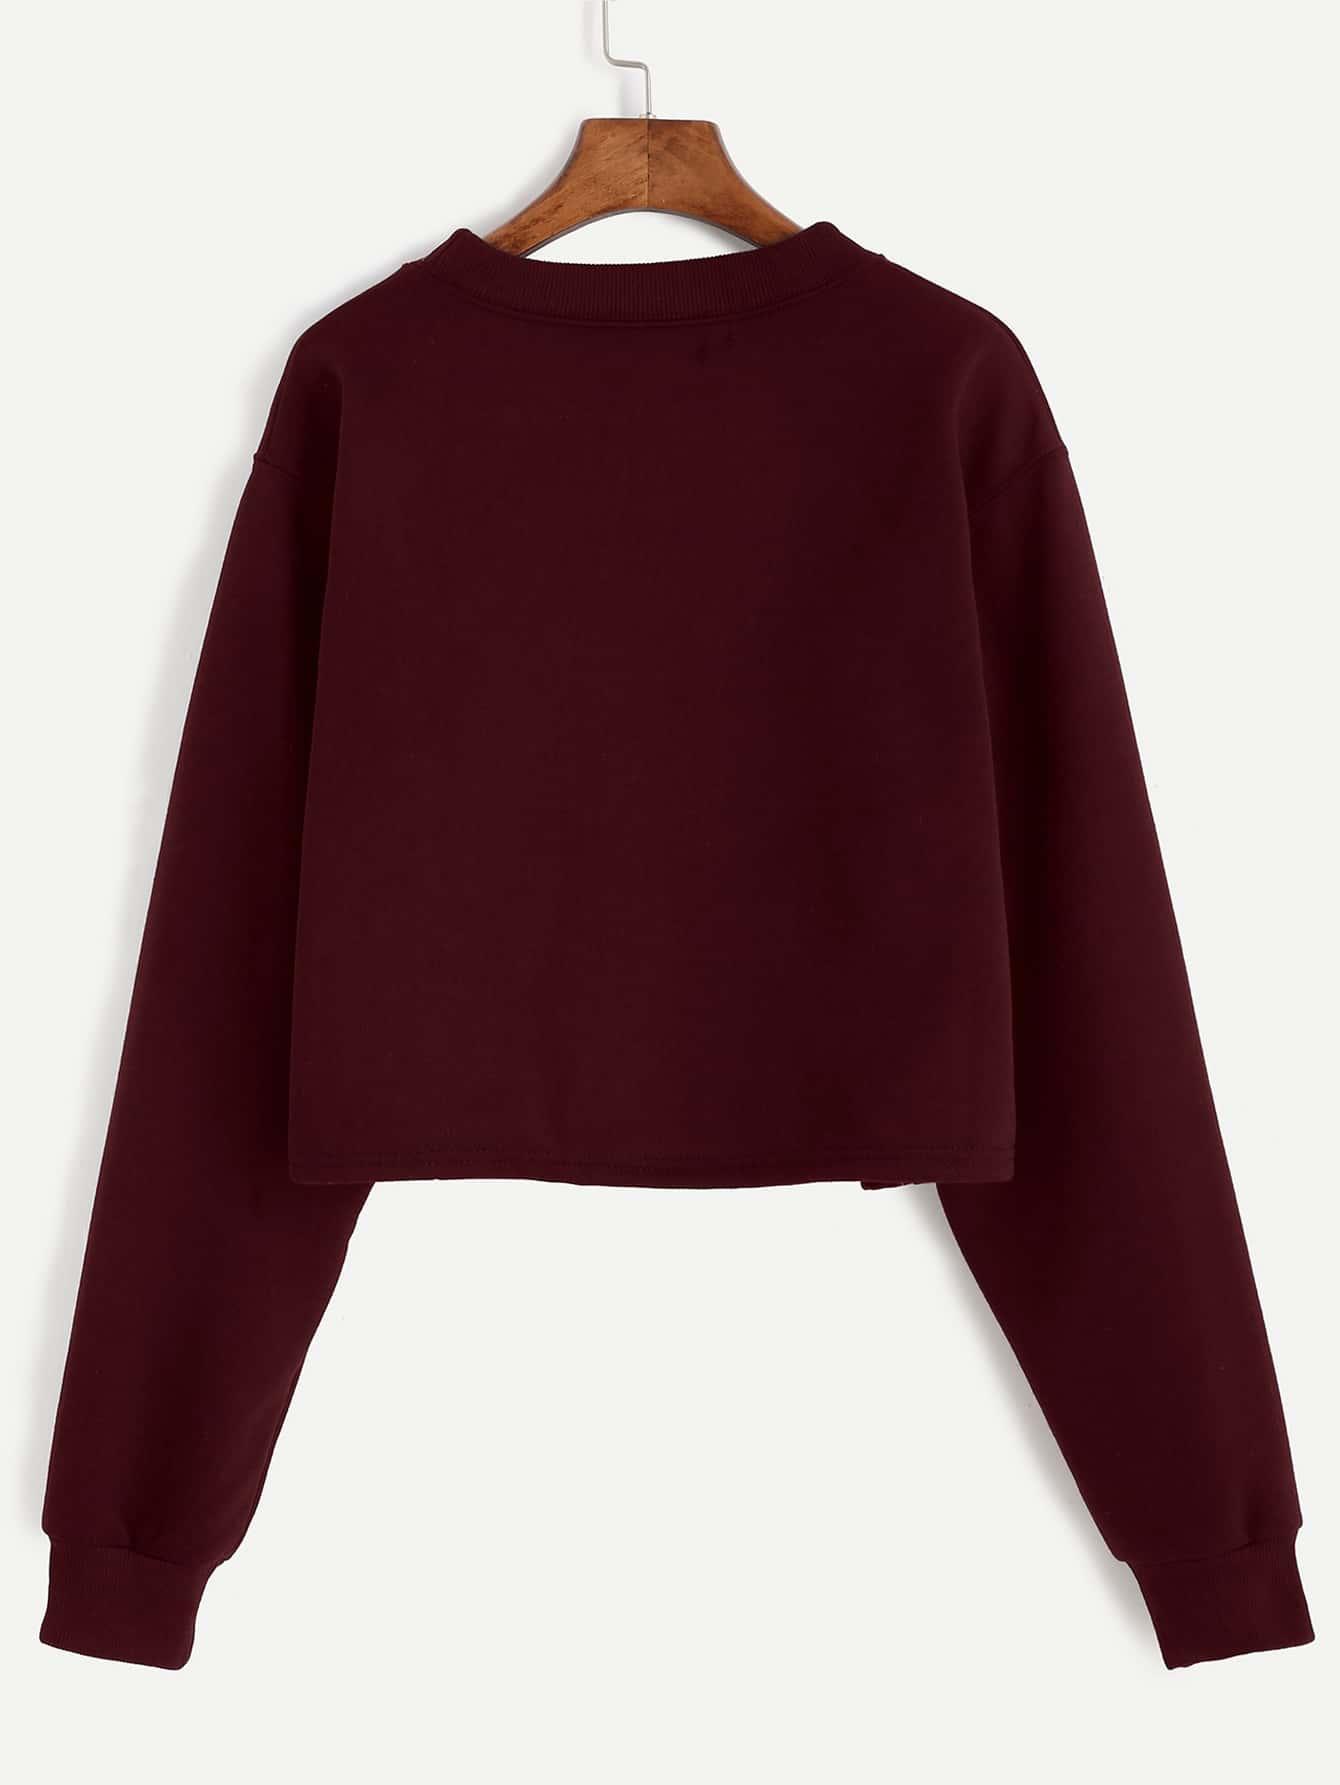 Burgundy Alien Embroidered Crop Sweatshirt